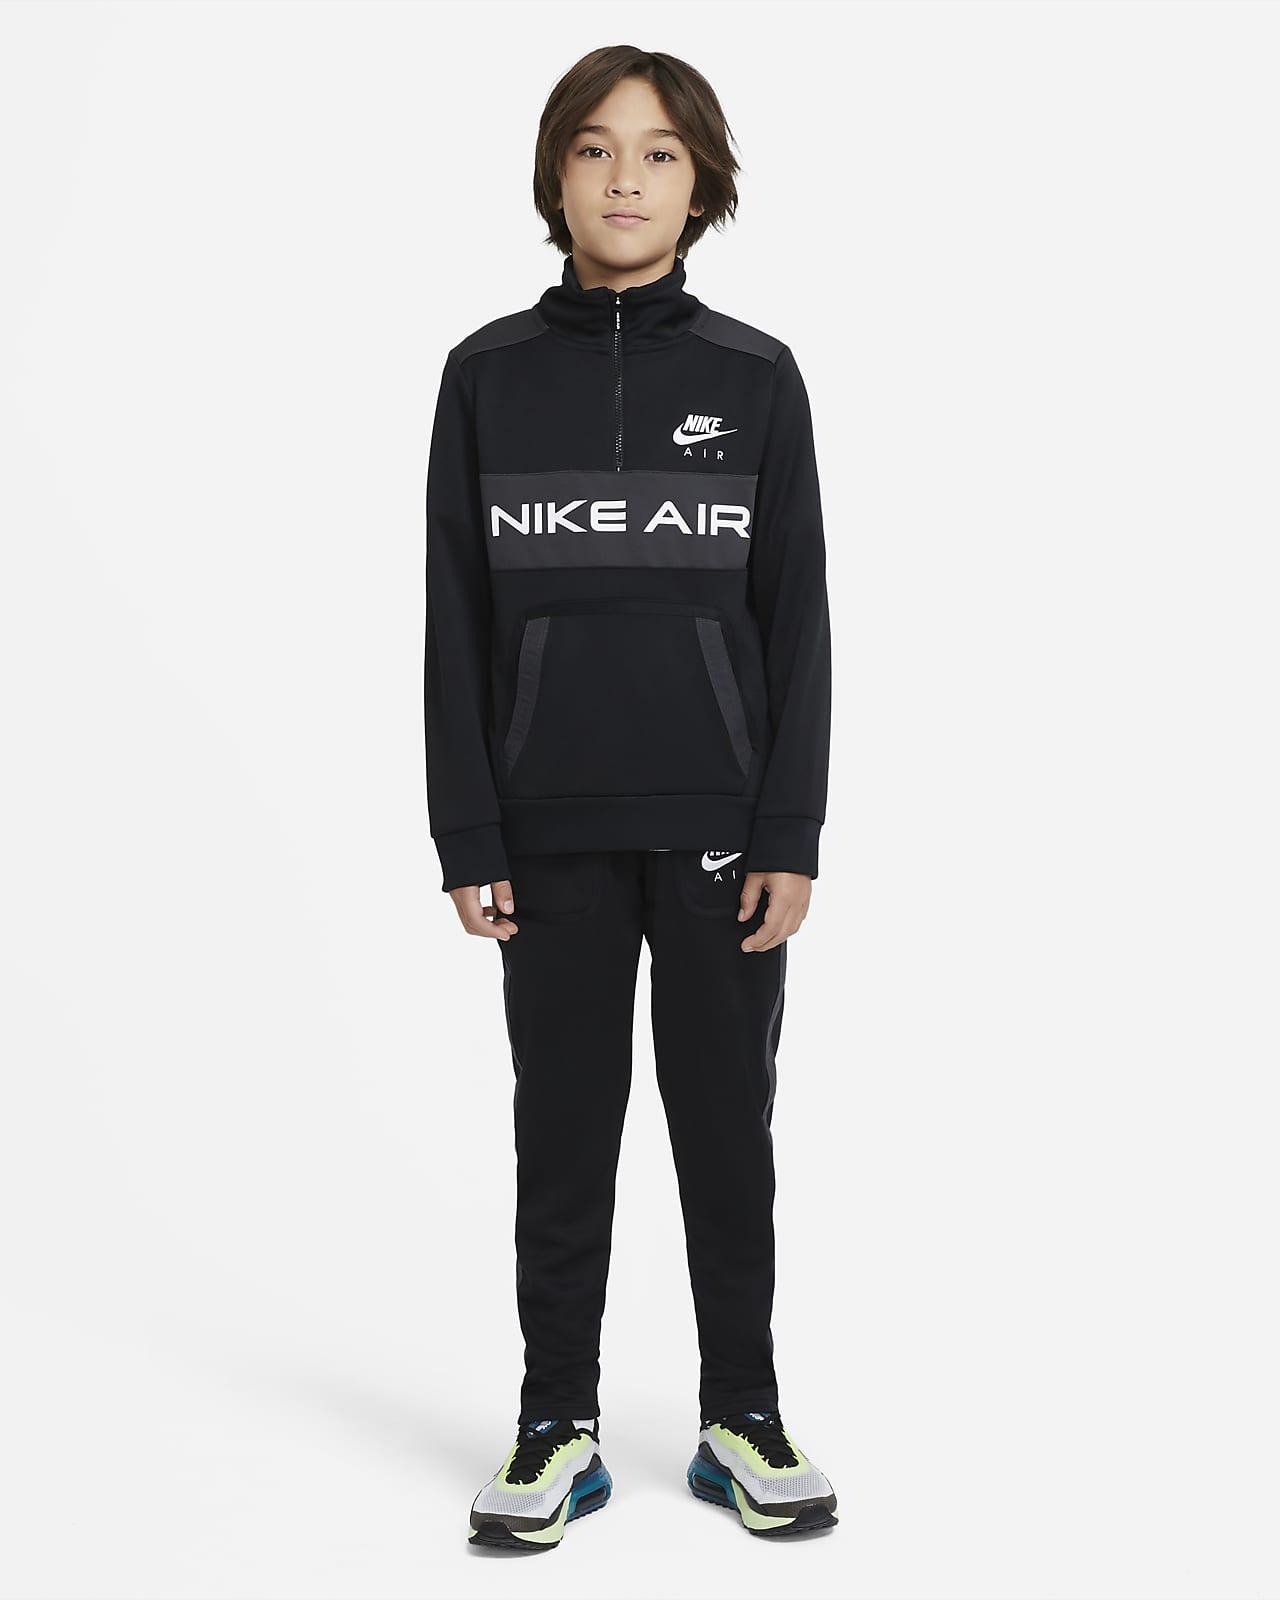 Nike Air-tracksuit til større børn